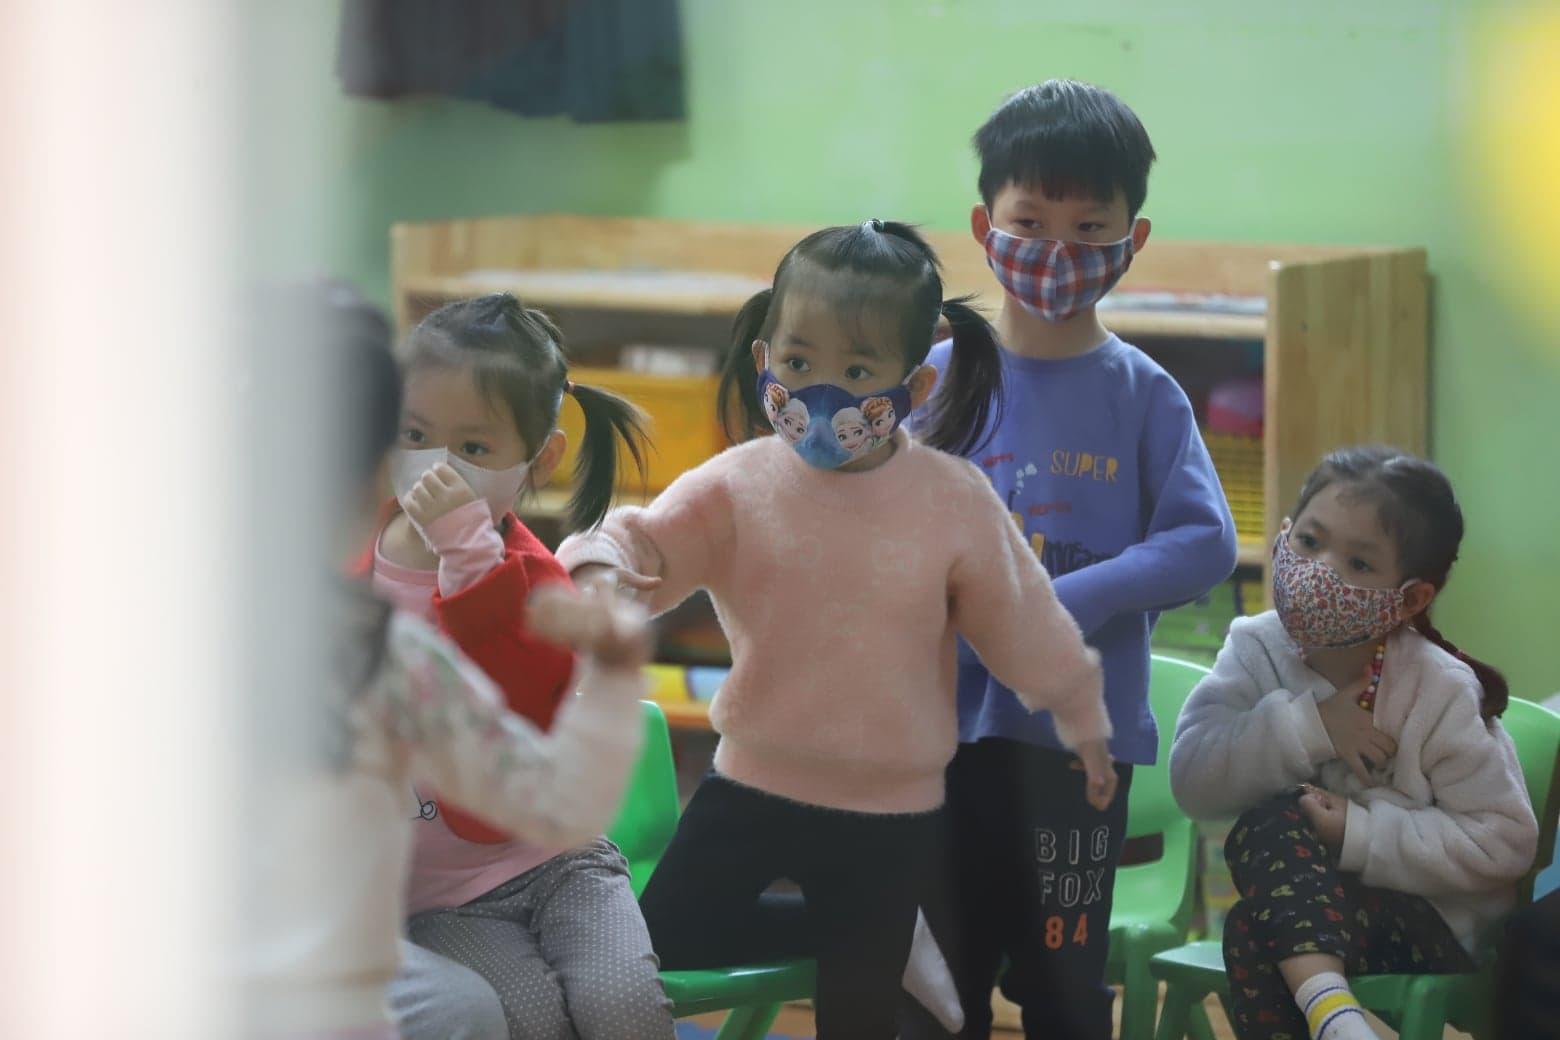 Trẻ em được trang bị khẩu trang và kỹ năng phòng tránh lây nhiễm coronavirus. (Ảnh: phunuonline)